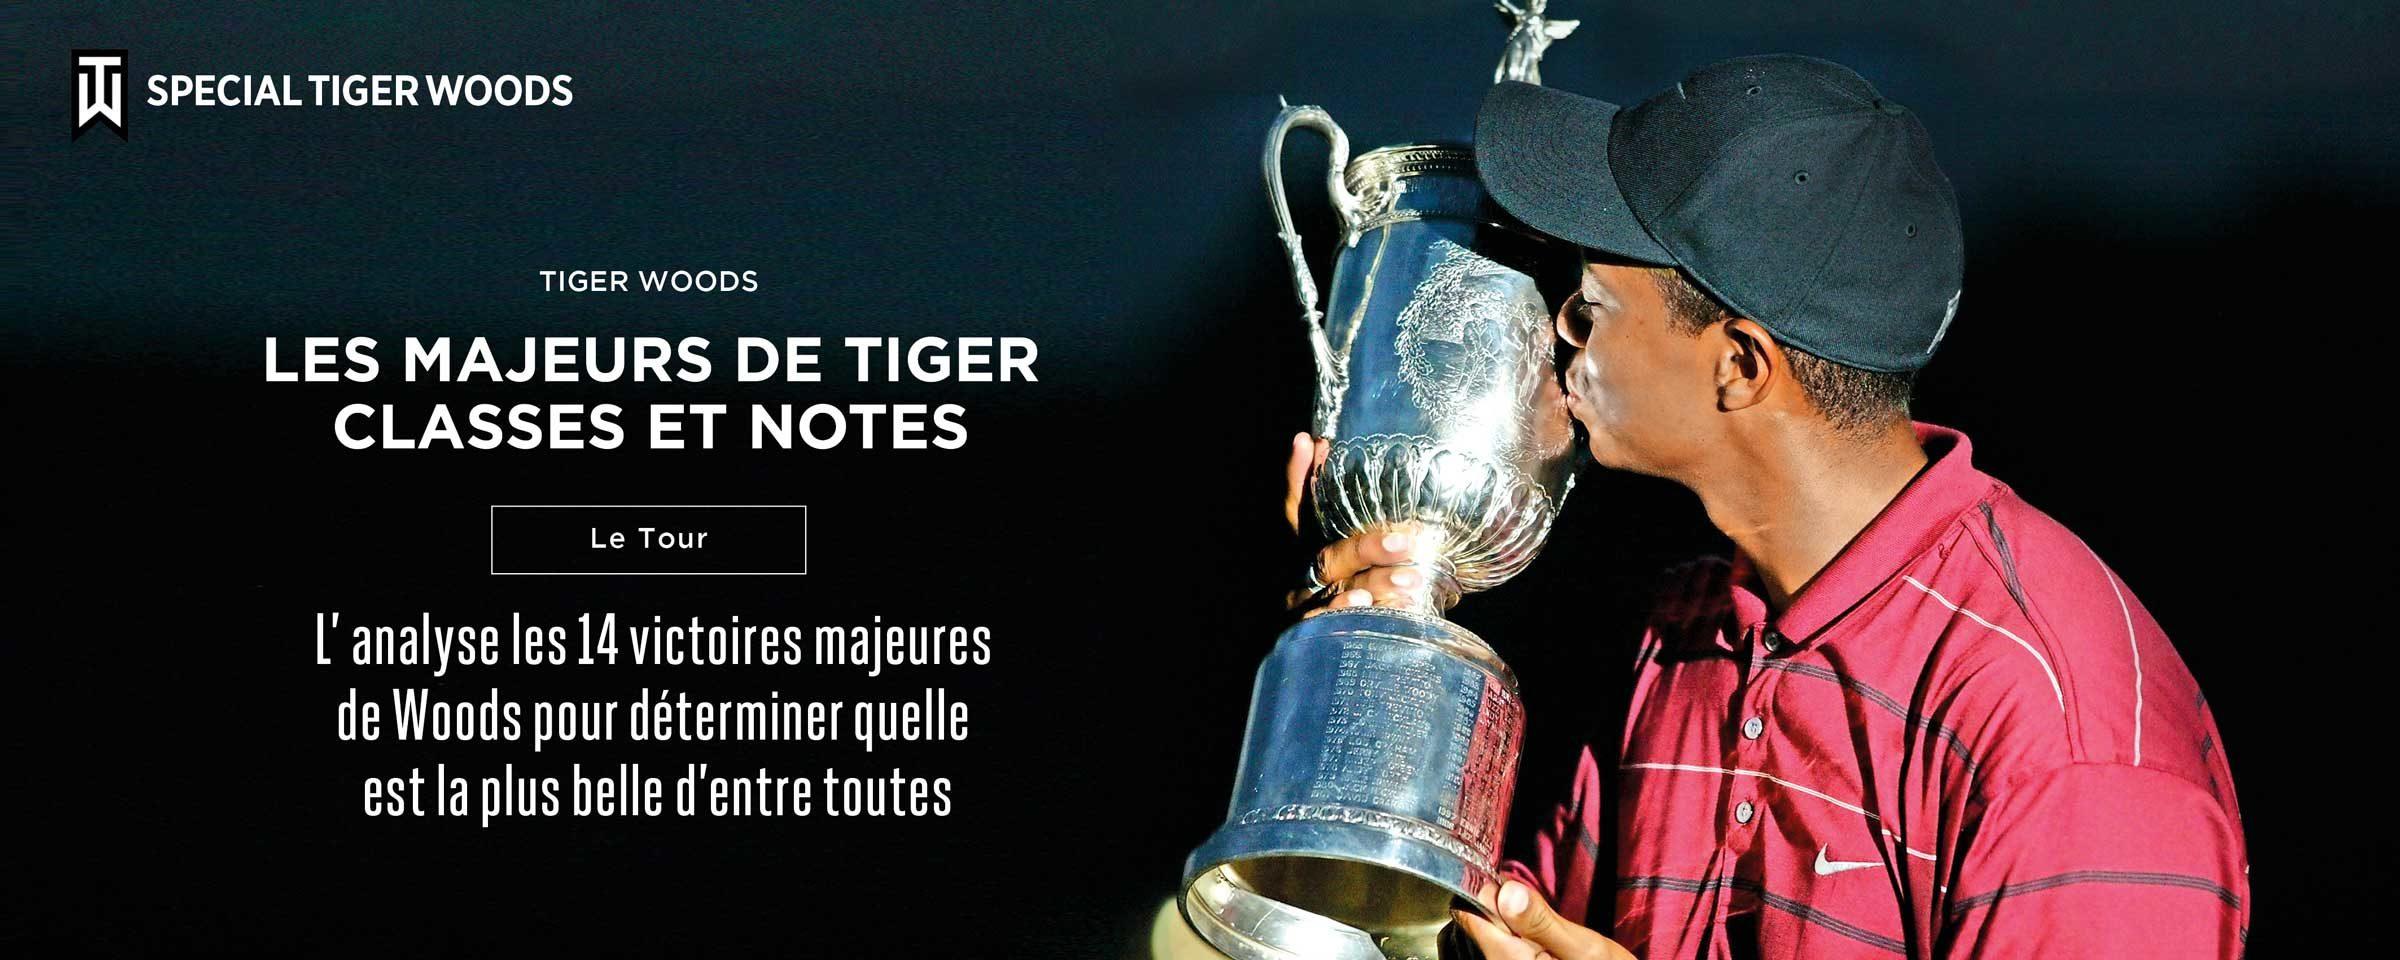 Les majeurs de tiger classes et notes